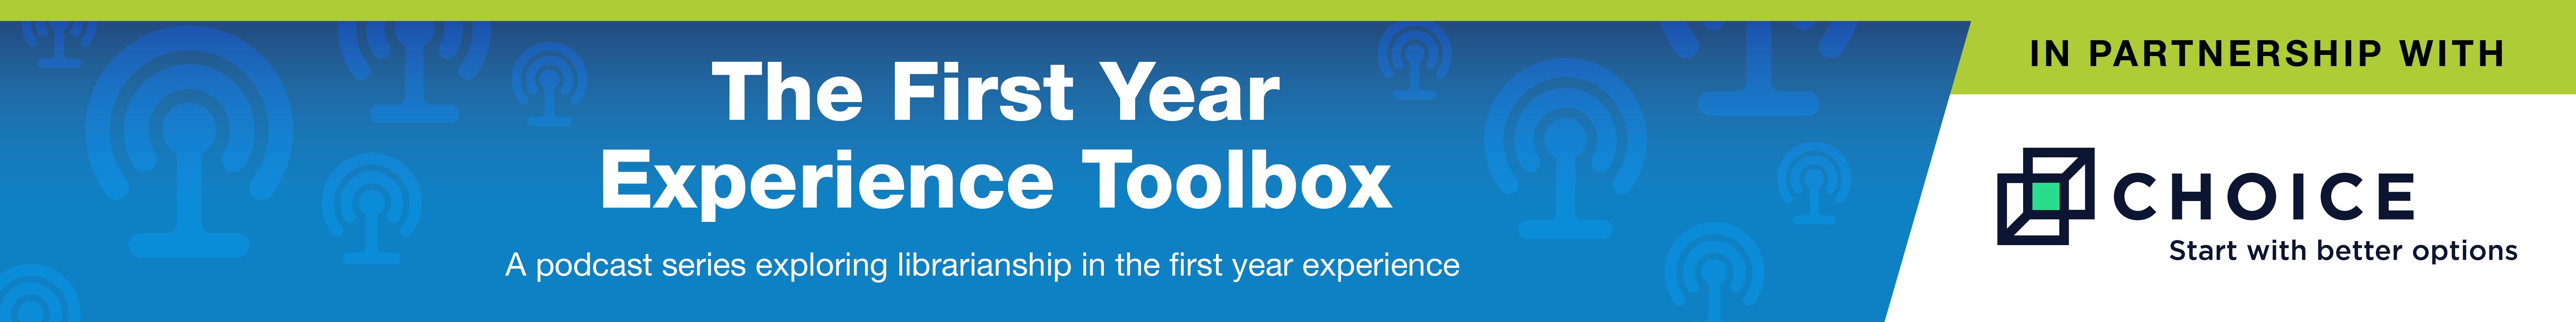 FirstYearExpToolbox_LandingPageHeader_1600x200 v2